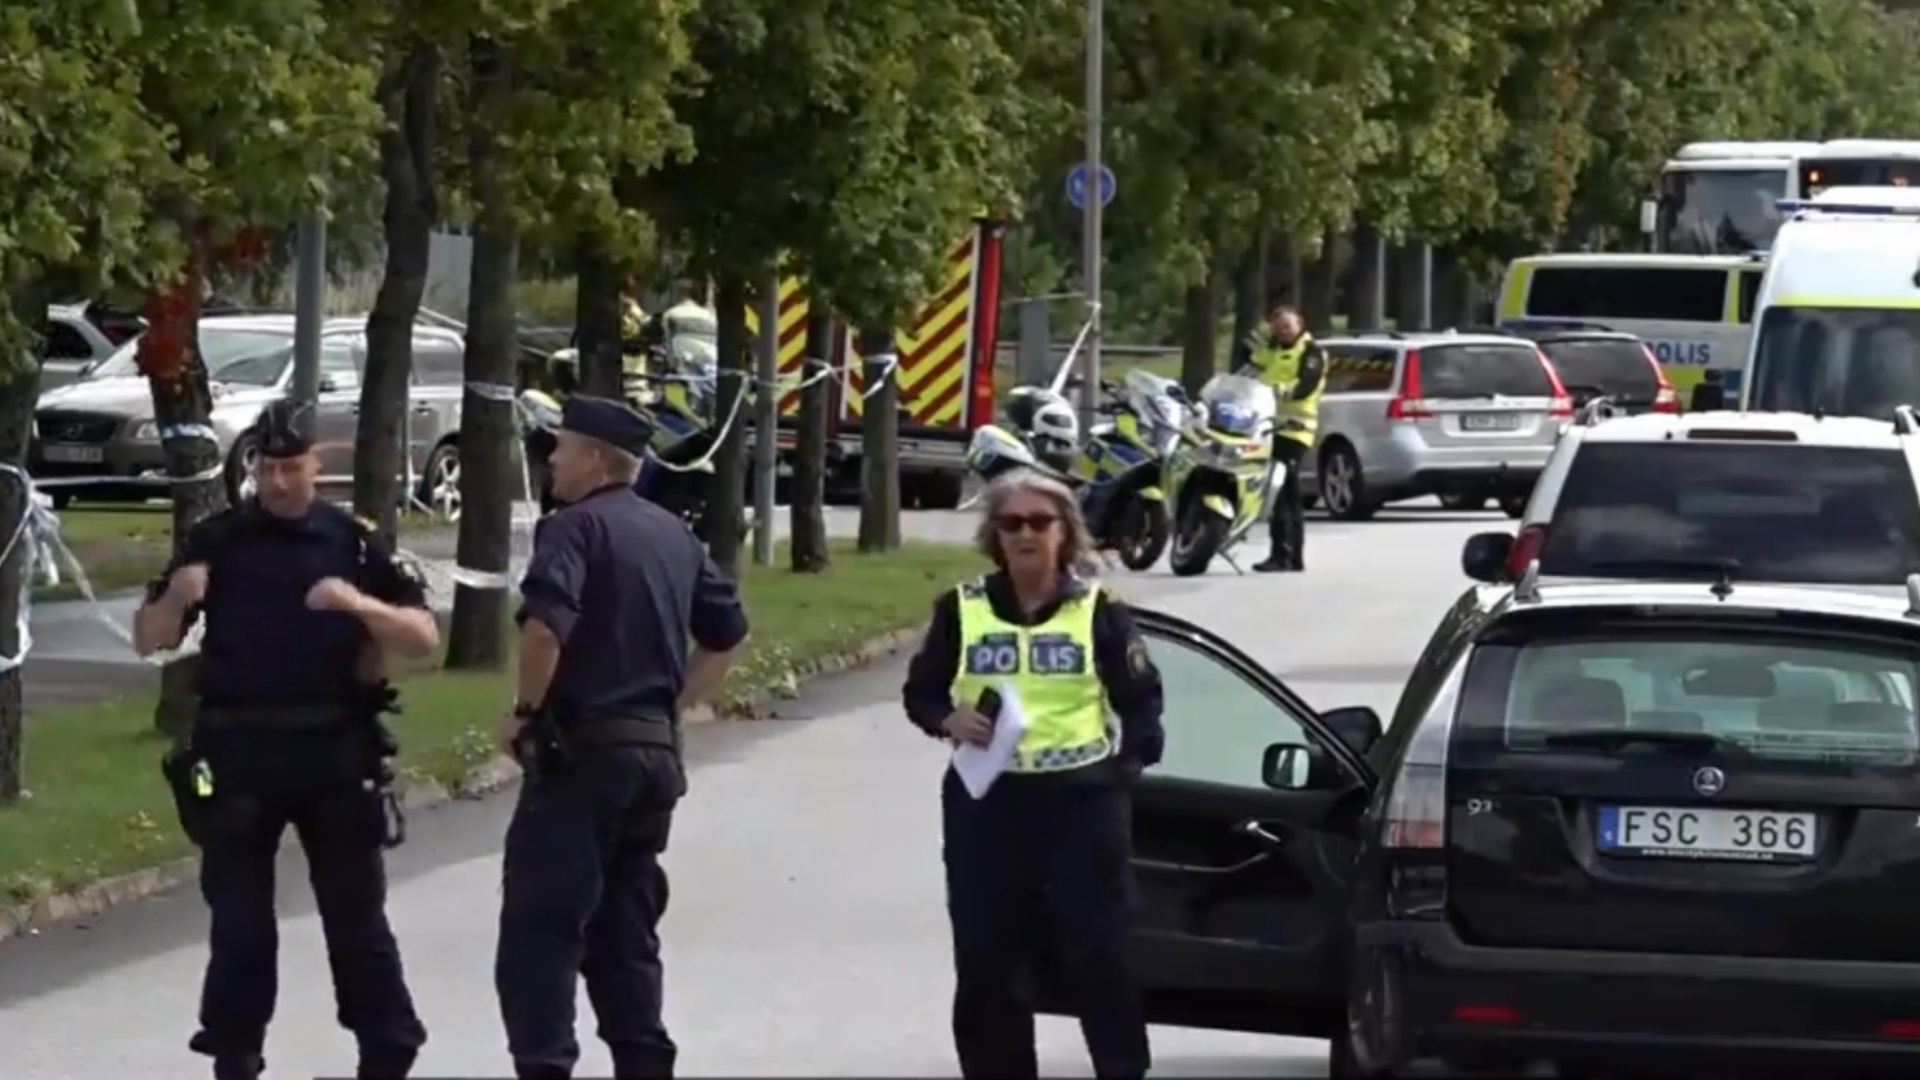 Σουηδία: Συνελήφθη 15χρονος για επίθεση σε σχολείο – Σοβαρά τραυματίας ένας 45χρονος